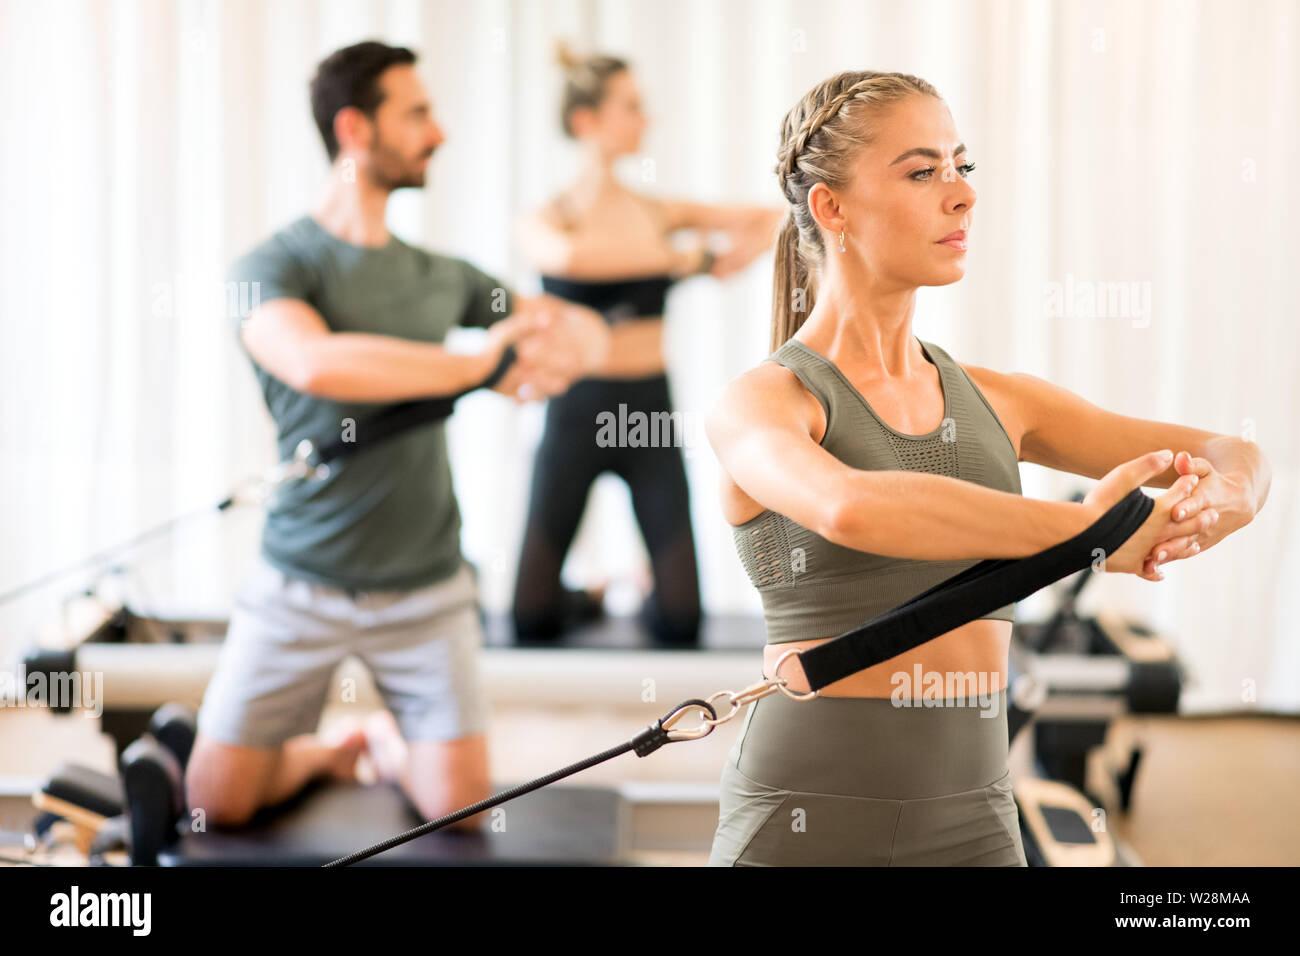 Frau mit Menschen in Fortbildung Torso Rotation mit Hilfe von Geräten im Fitnessstudio Stockbild